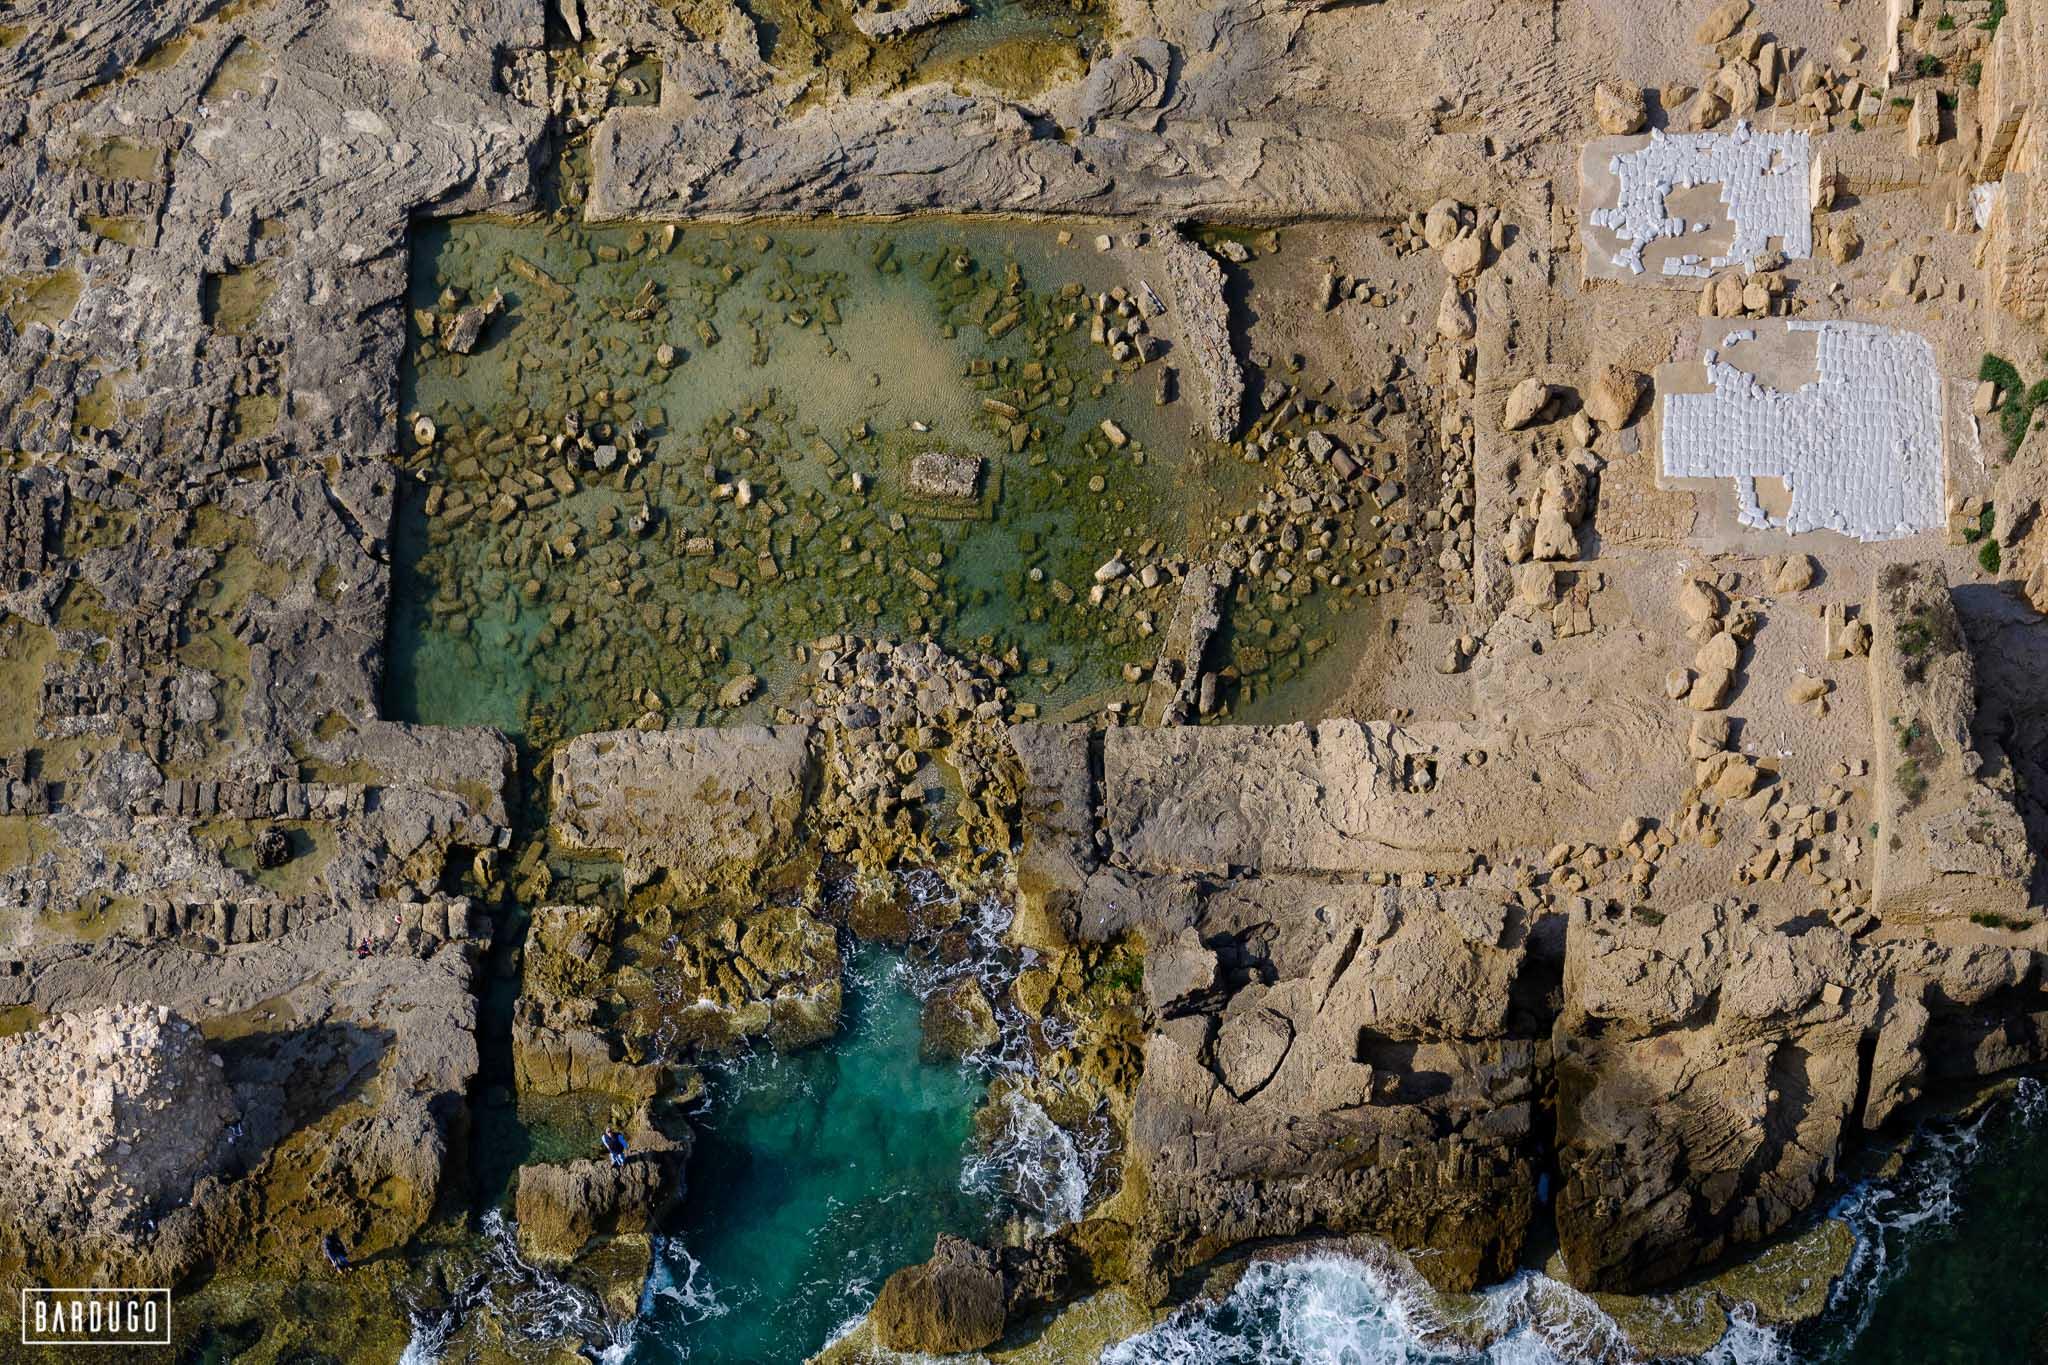 Caesarea Roman Palace